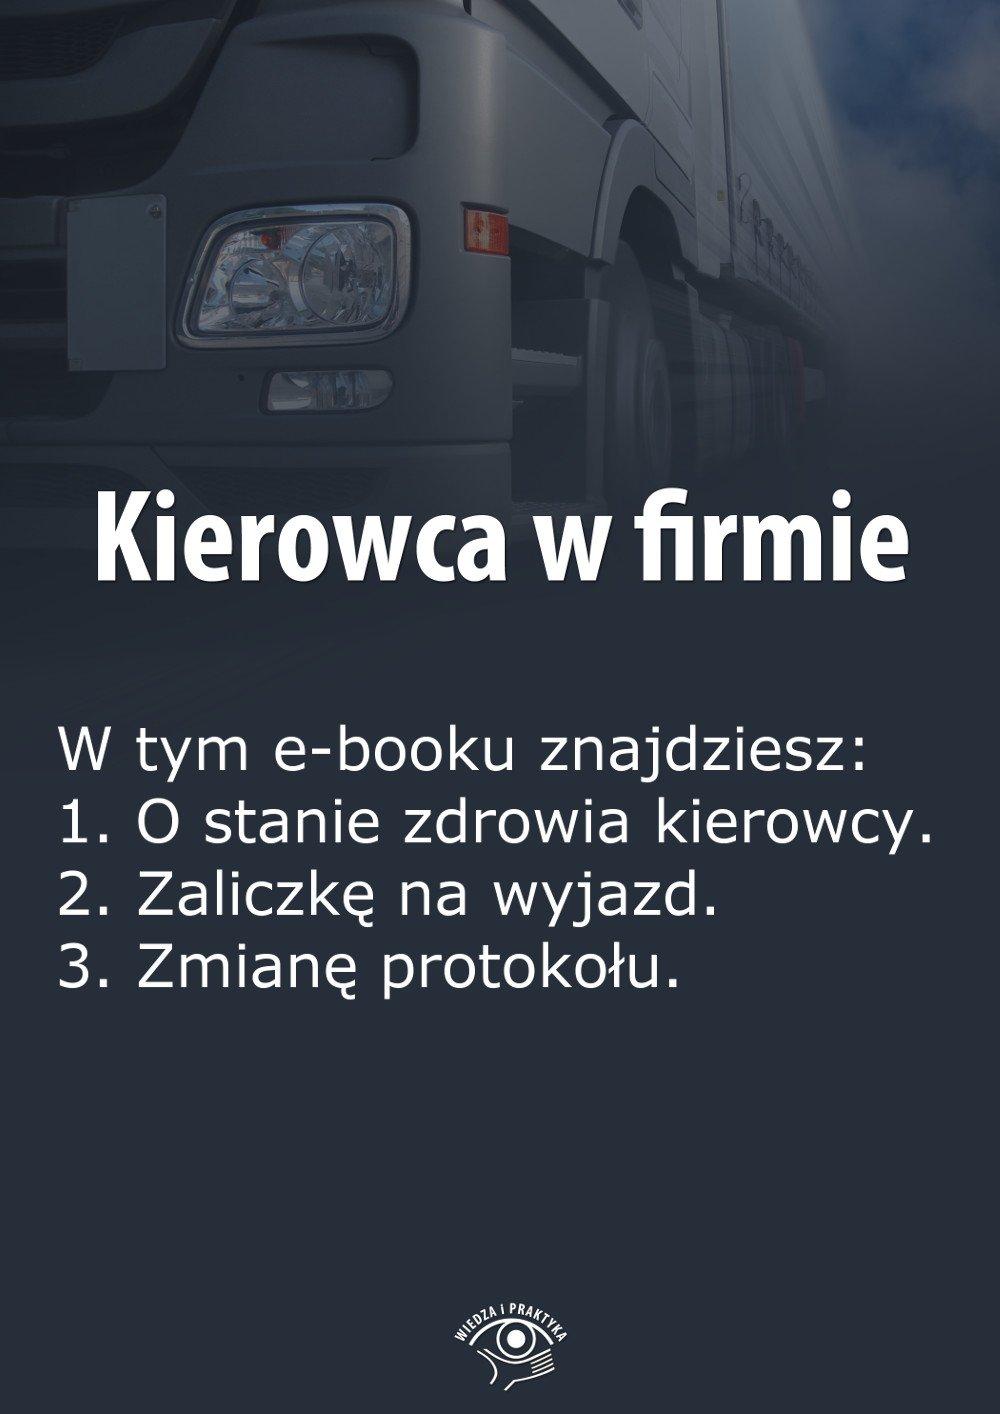 Kierowca w firmie. Wydanie czerwiec 2014 r. - Ebook (Książka EPUB) do pobrania w formacie EPUB